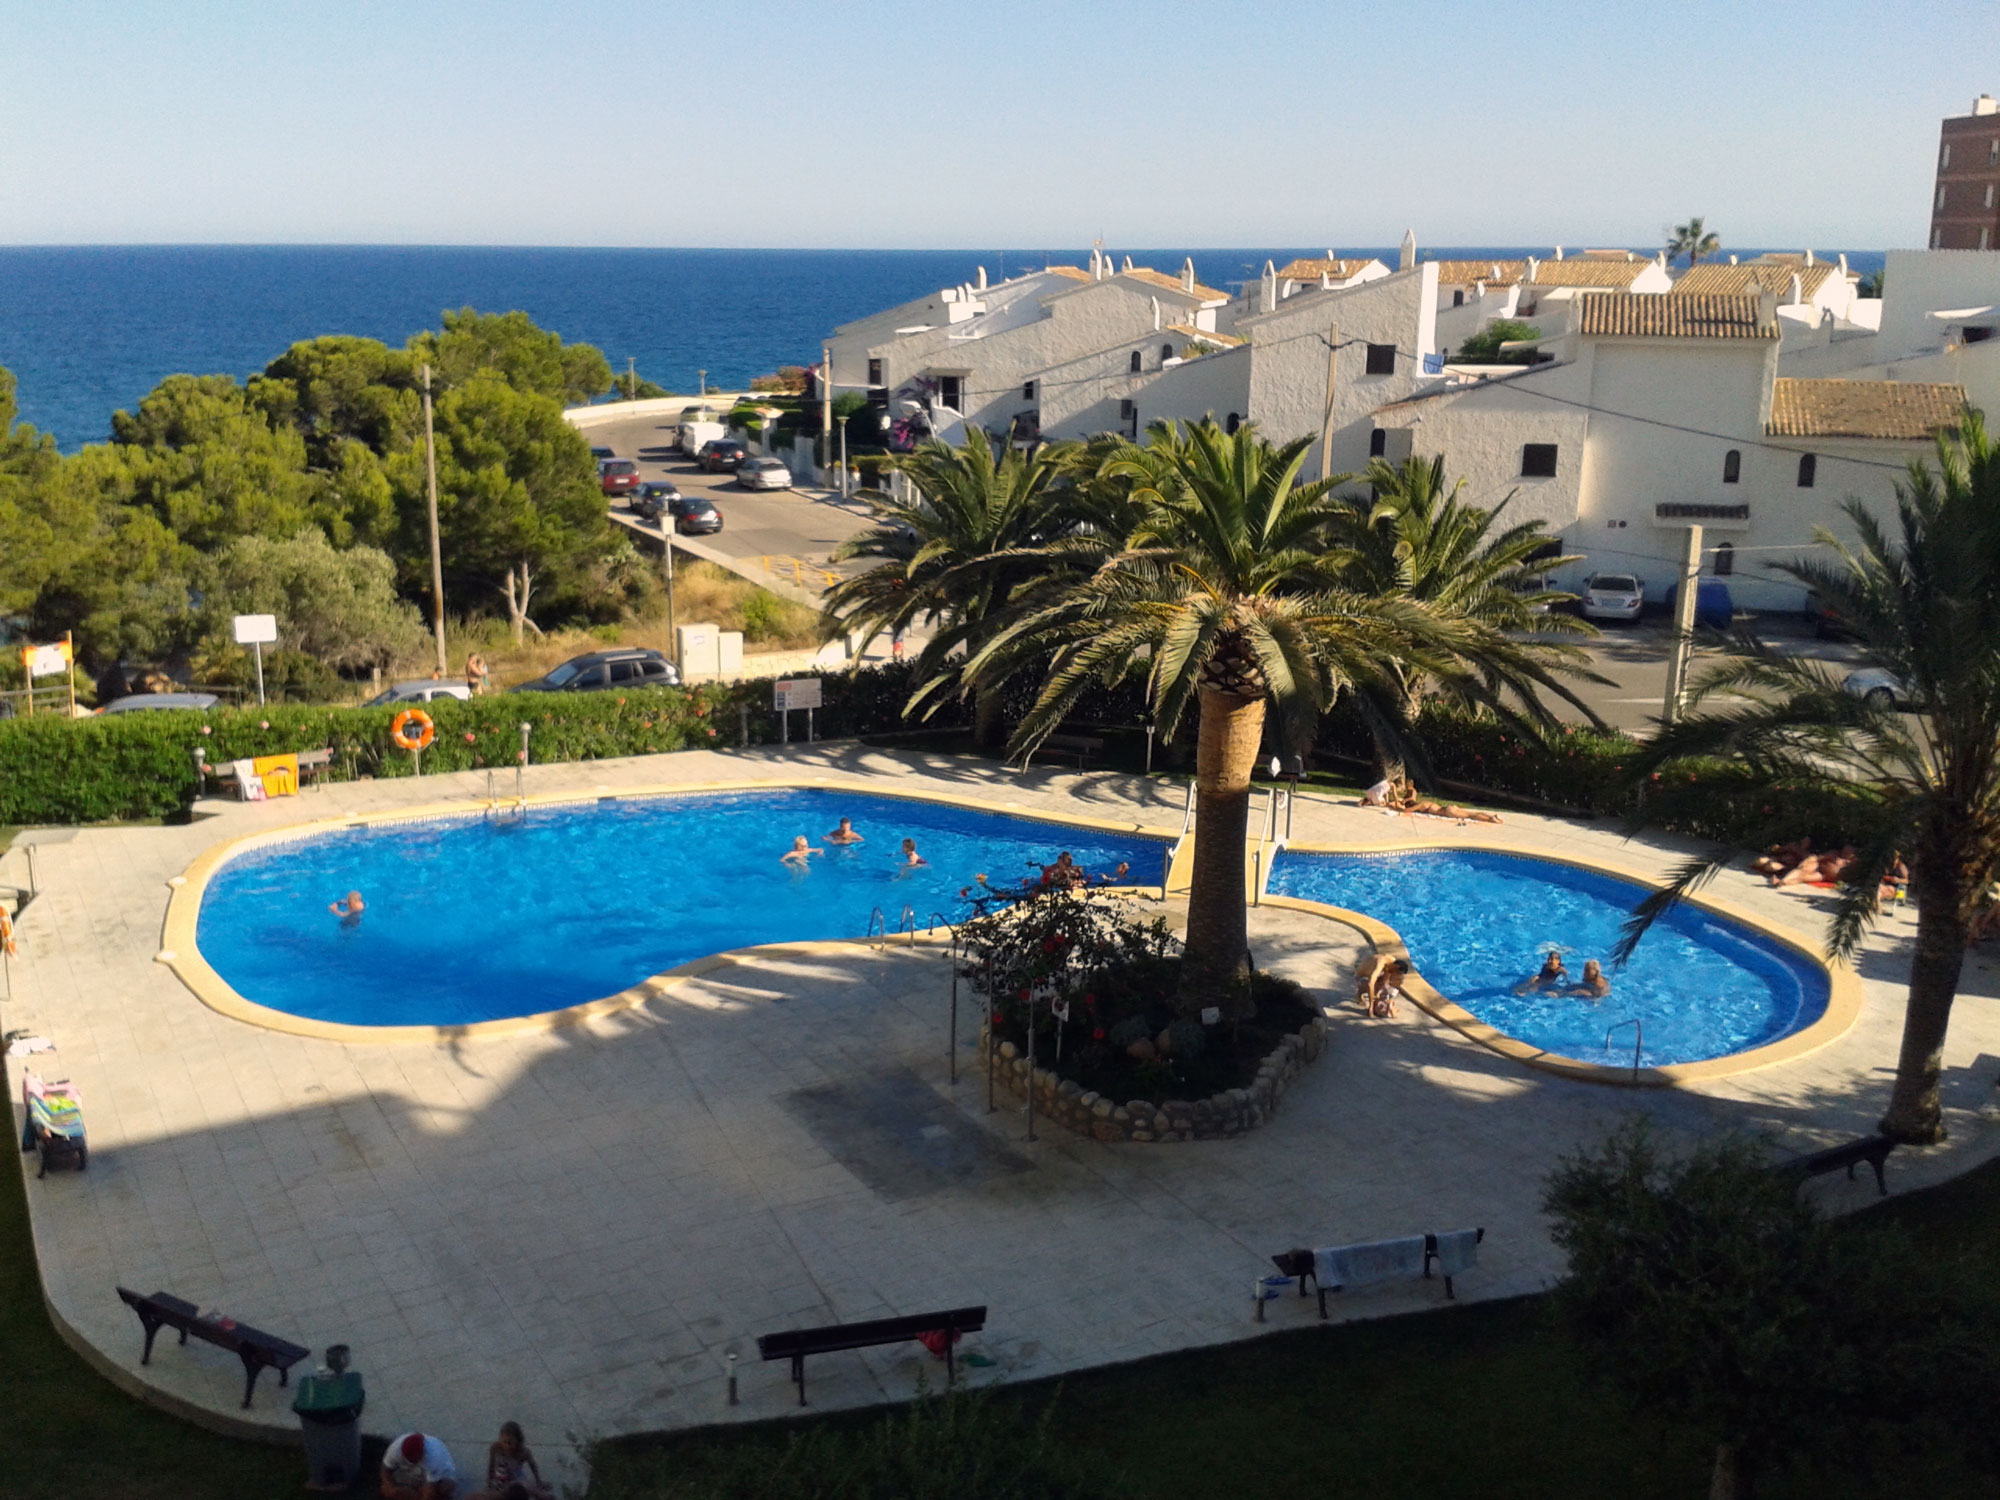 Construcci n de piscinas codetrac s l expertos en piscinas for Piscinas municipales lleida